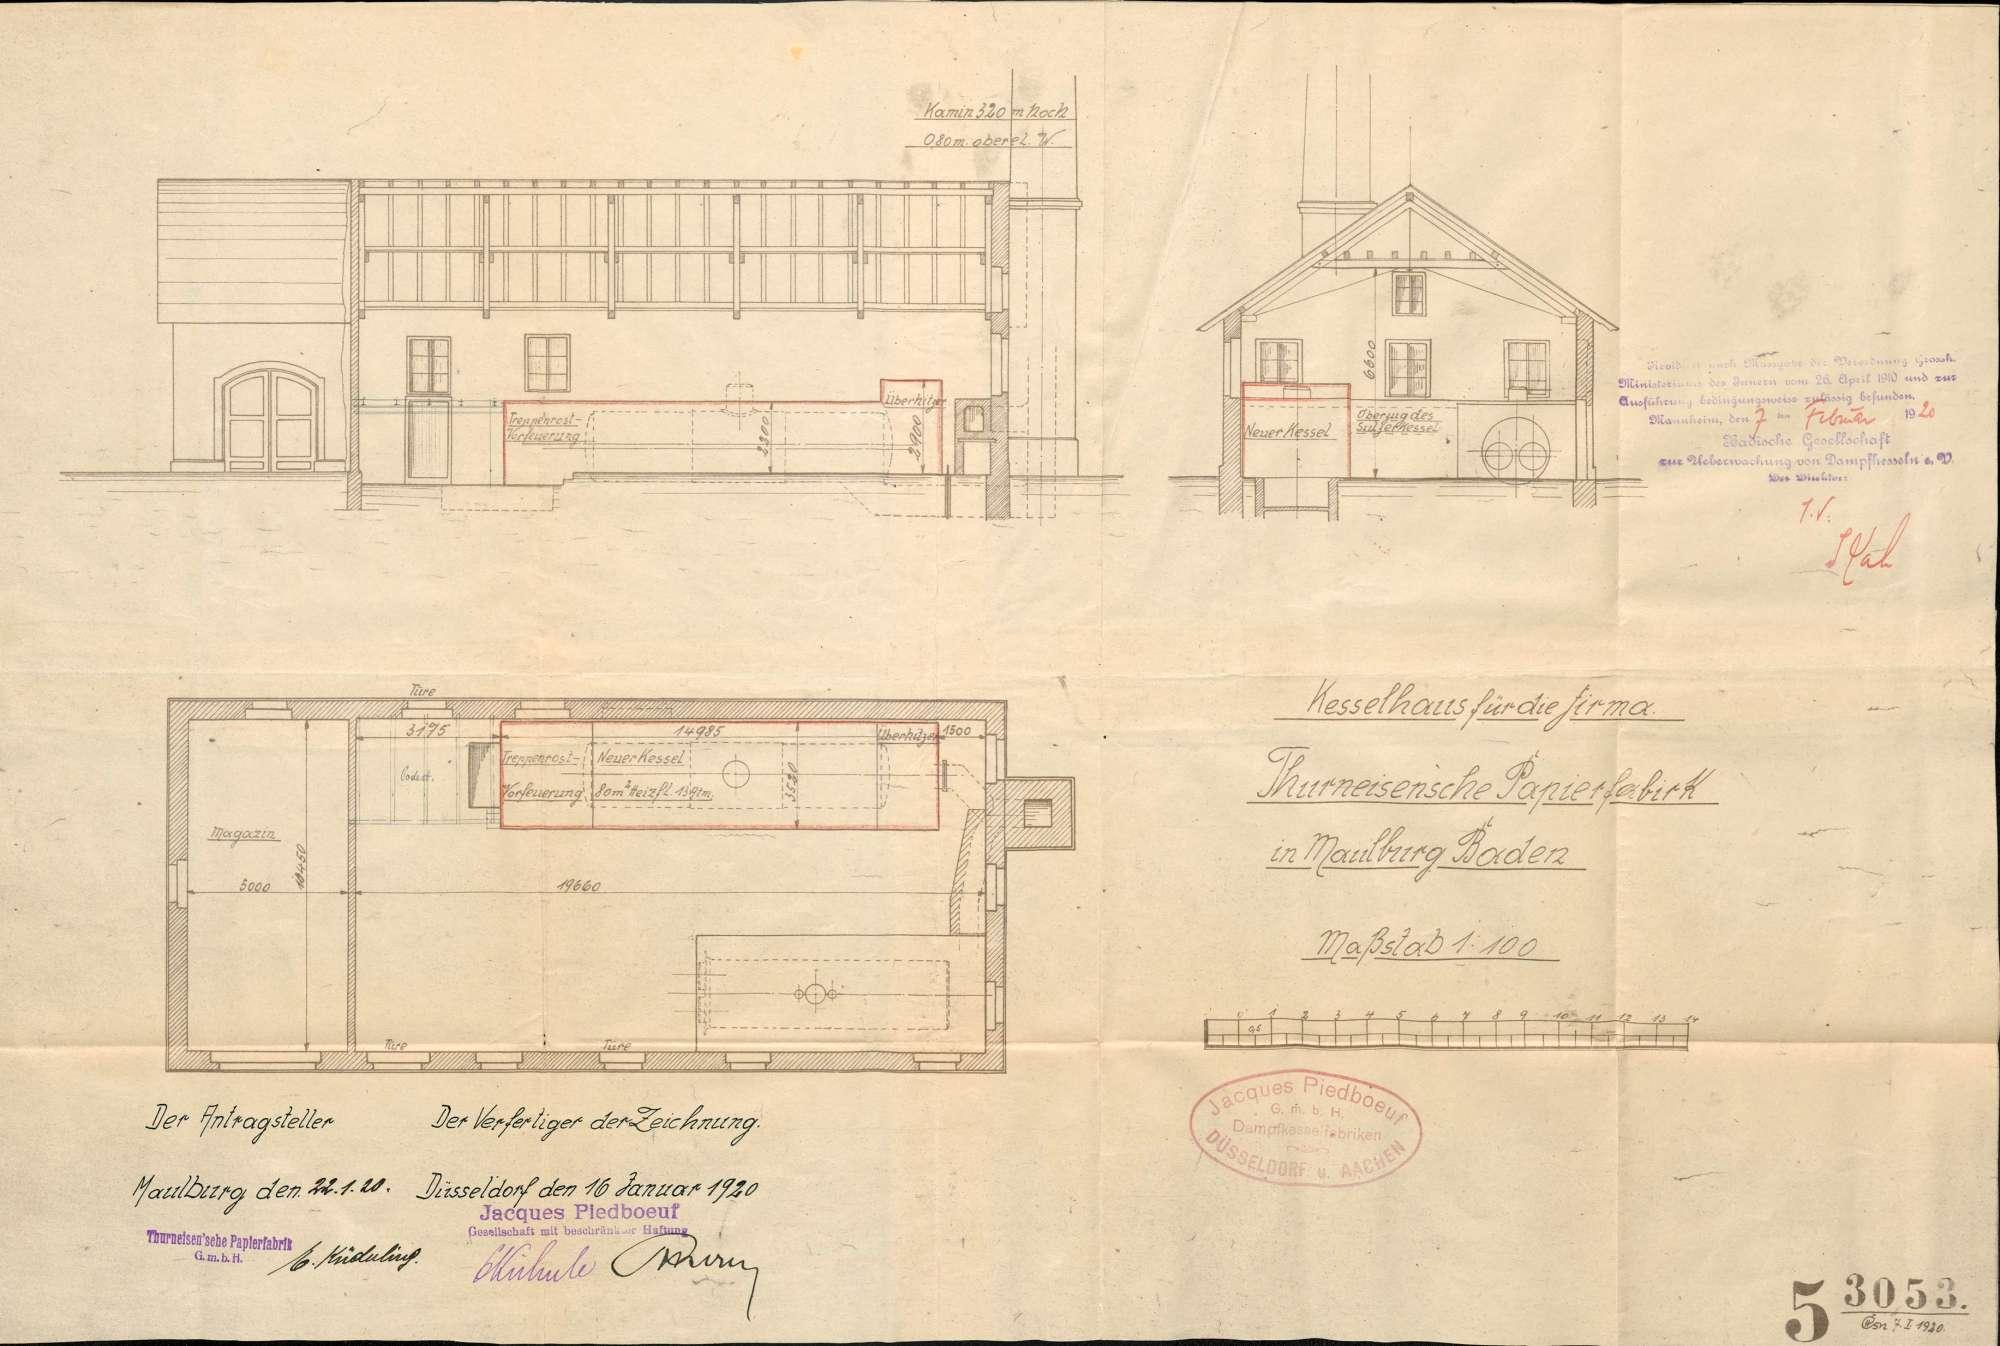 Gesuch der Papierfabrik Thurneisen in Maulburg um Erlaubnis zur Anlegung bzw. Veränderung eines Dampfkessels; Verkauf des Kessels, Bild 2